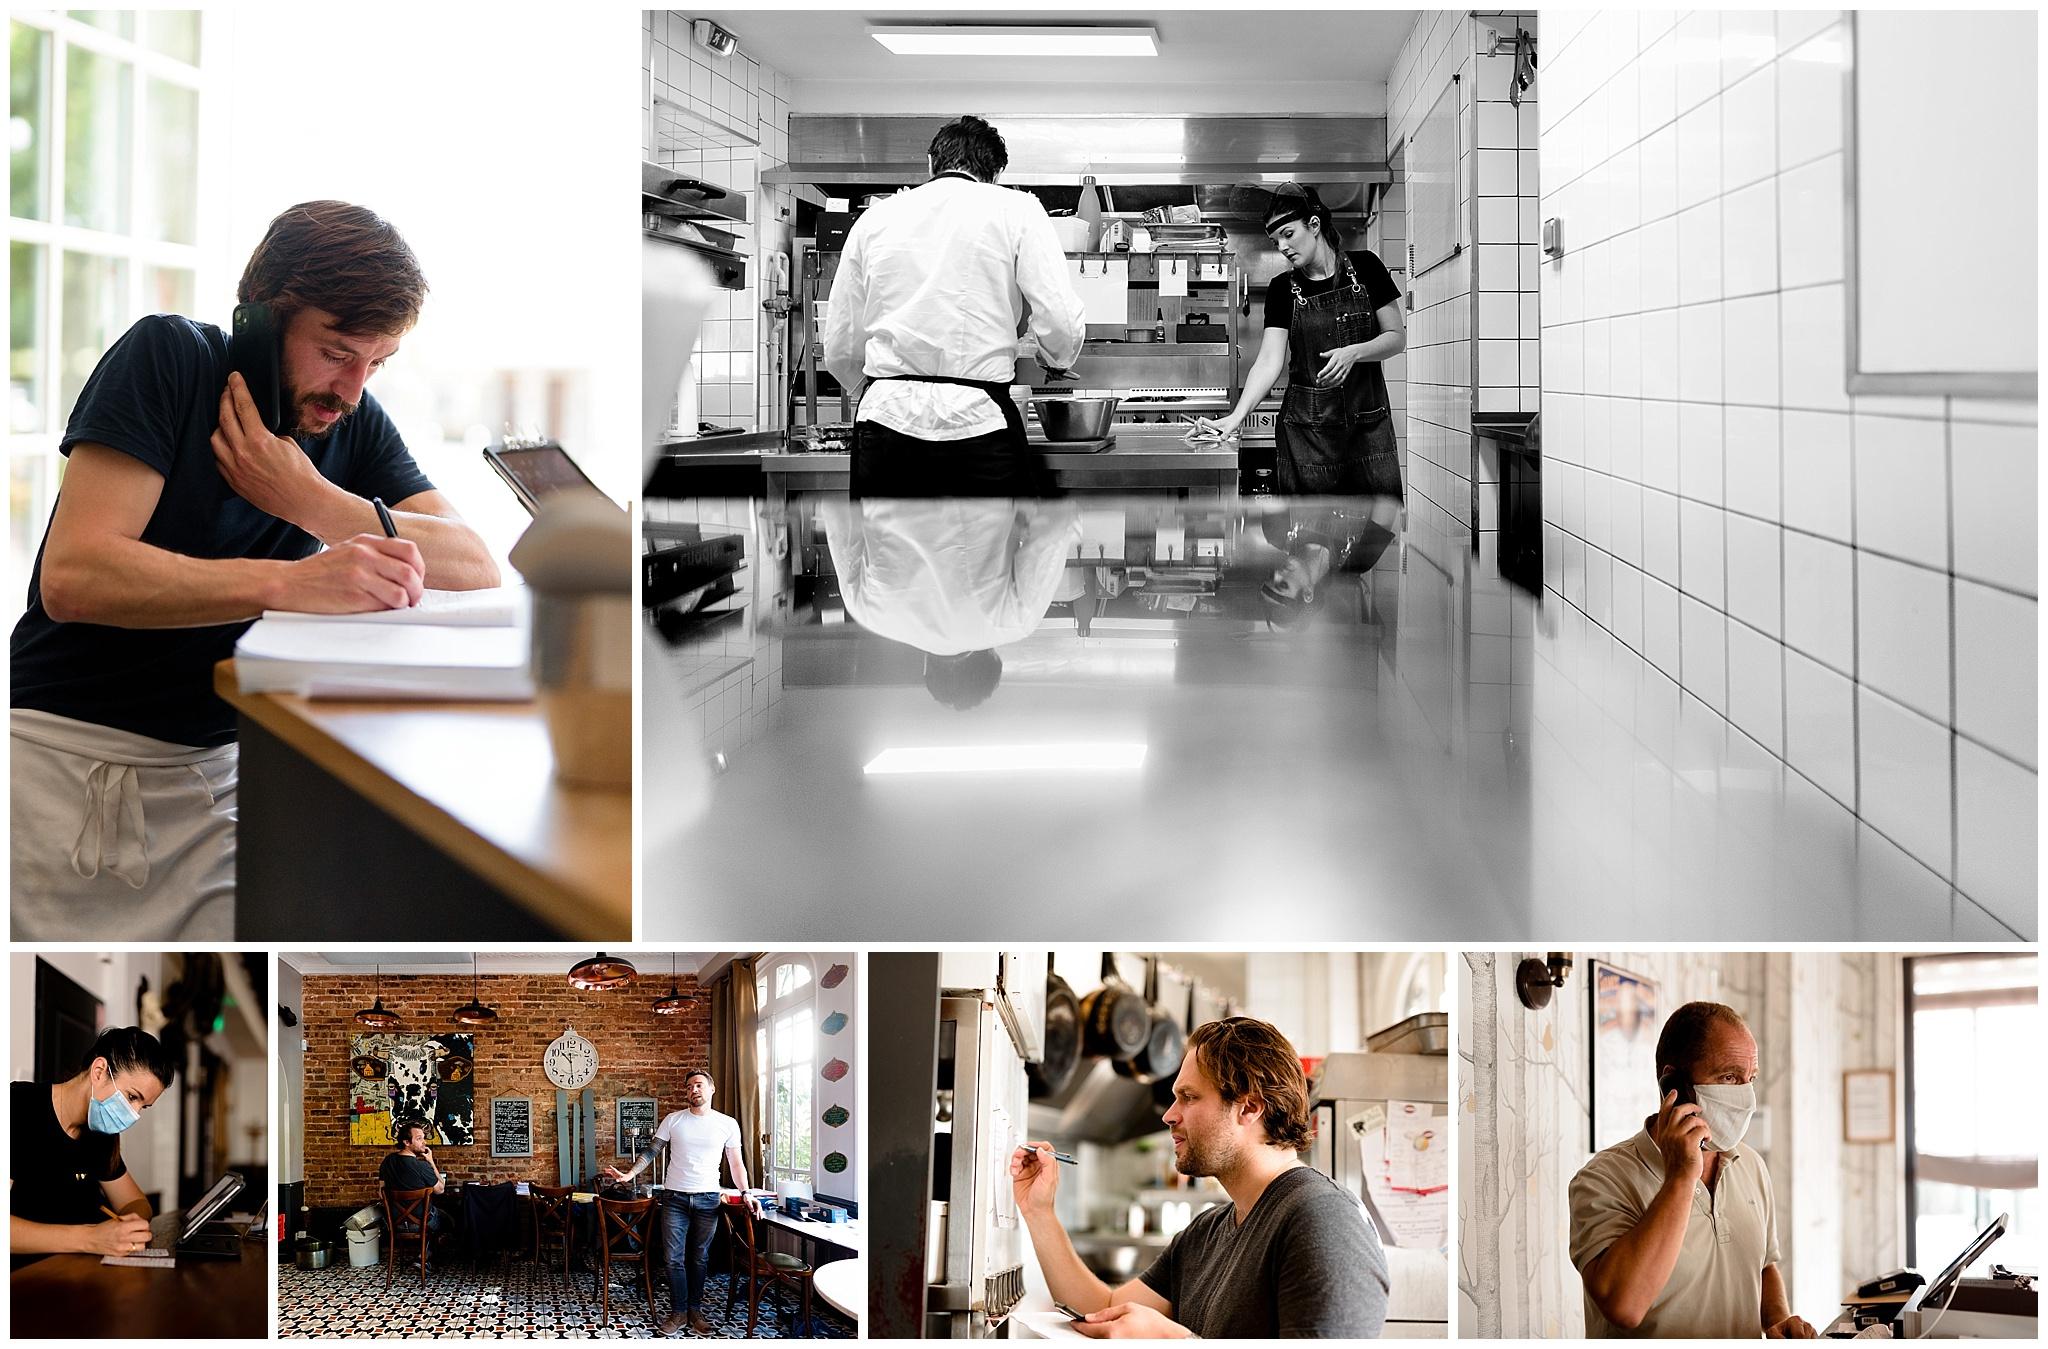 Restaurant confinement cuisine goût 78 92 75 Paris Yvelines chefs organisation Sandrine Siryani Cabane bel ami enfants de coeur Ballon voyageur Tables d'Augustin